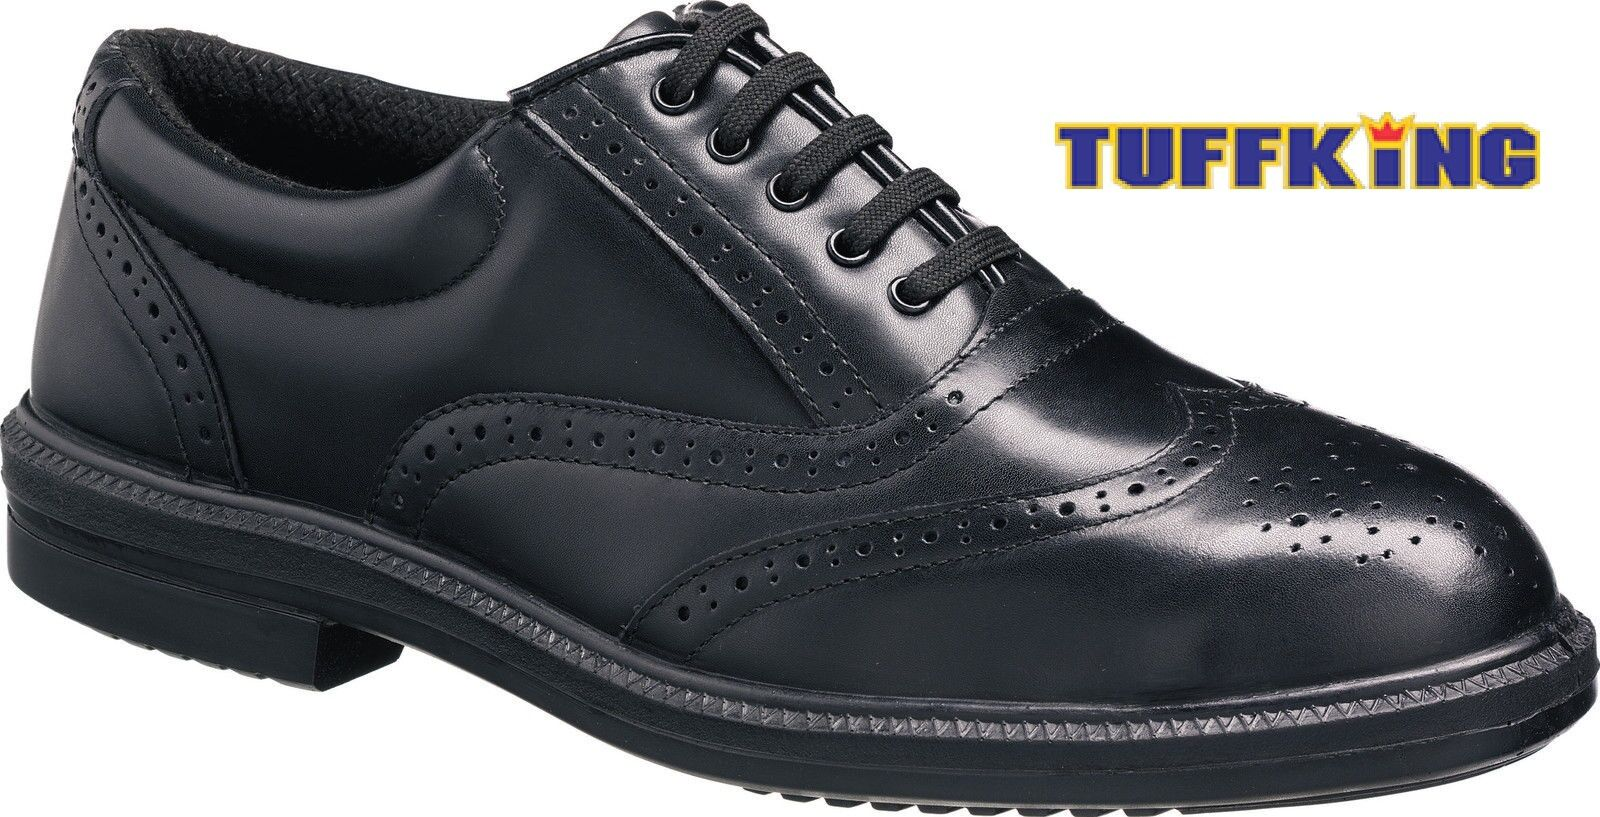 Tuffking 9076 S1P Nero Acciaio Puntale Oxford Scarpe CALATA Executive Sicurezza Lavoro Scarpe Oxford 00a55a